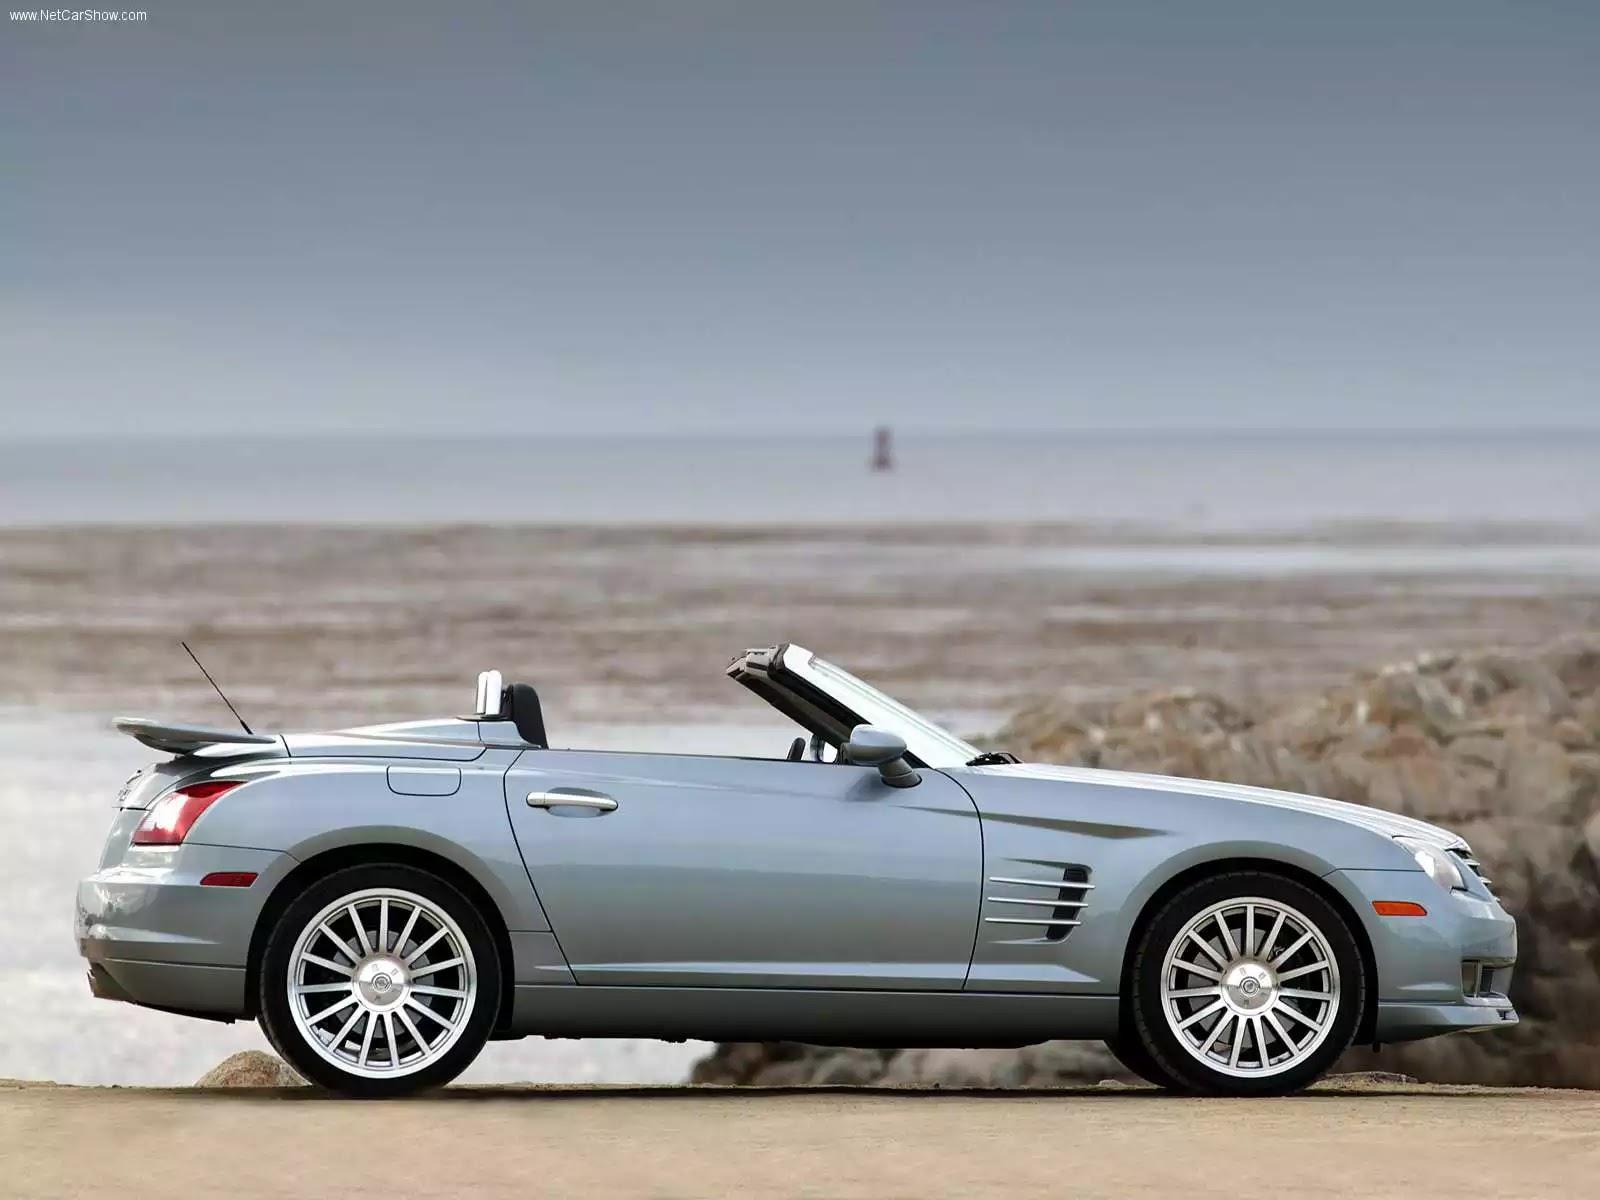 Hình ảnh xe ô tô Chrysler Crossfire SRT6 Roadster 2005 & nội ngoại thất